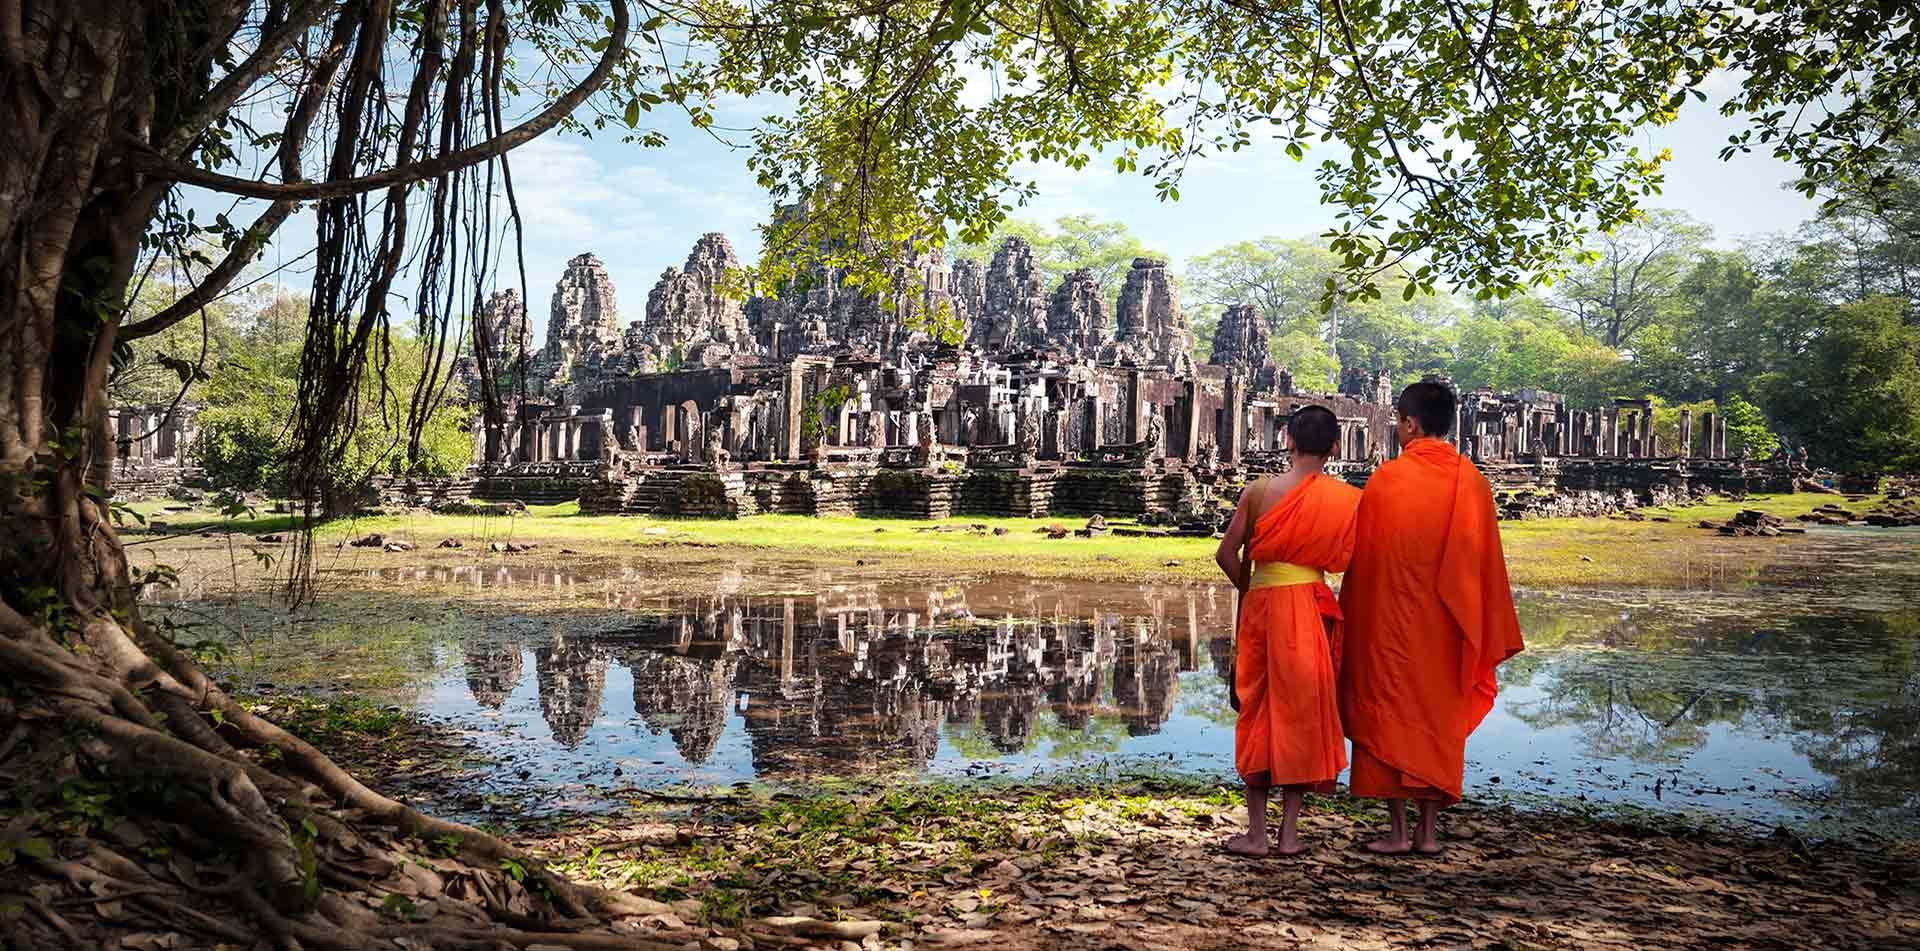 Bhuddist Monks at Angkor Wat, Cambodia